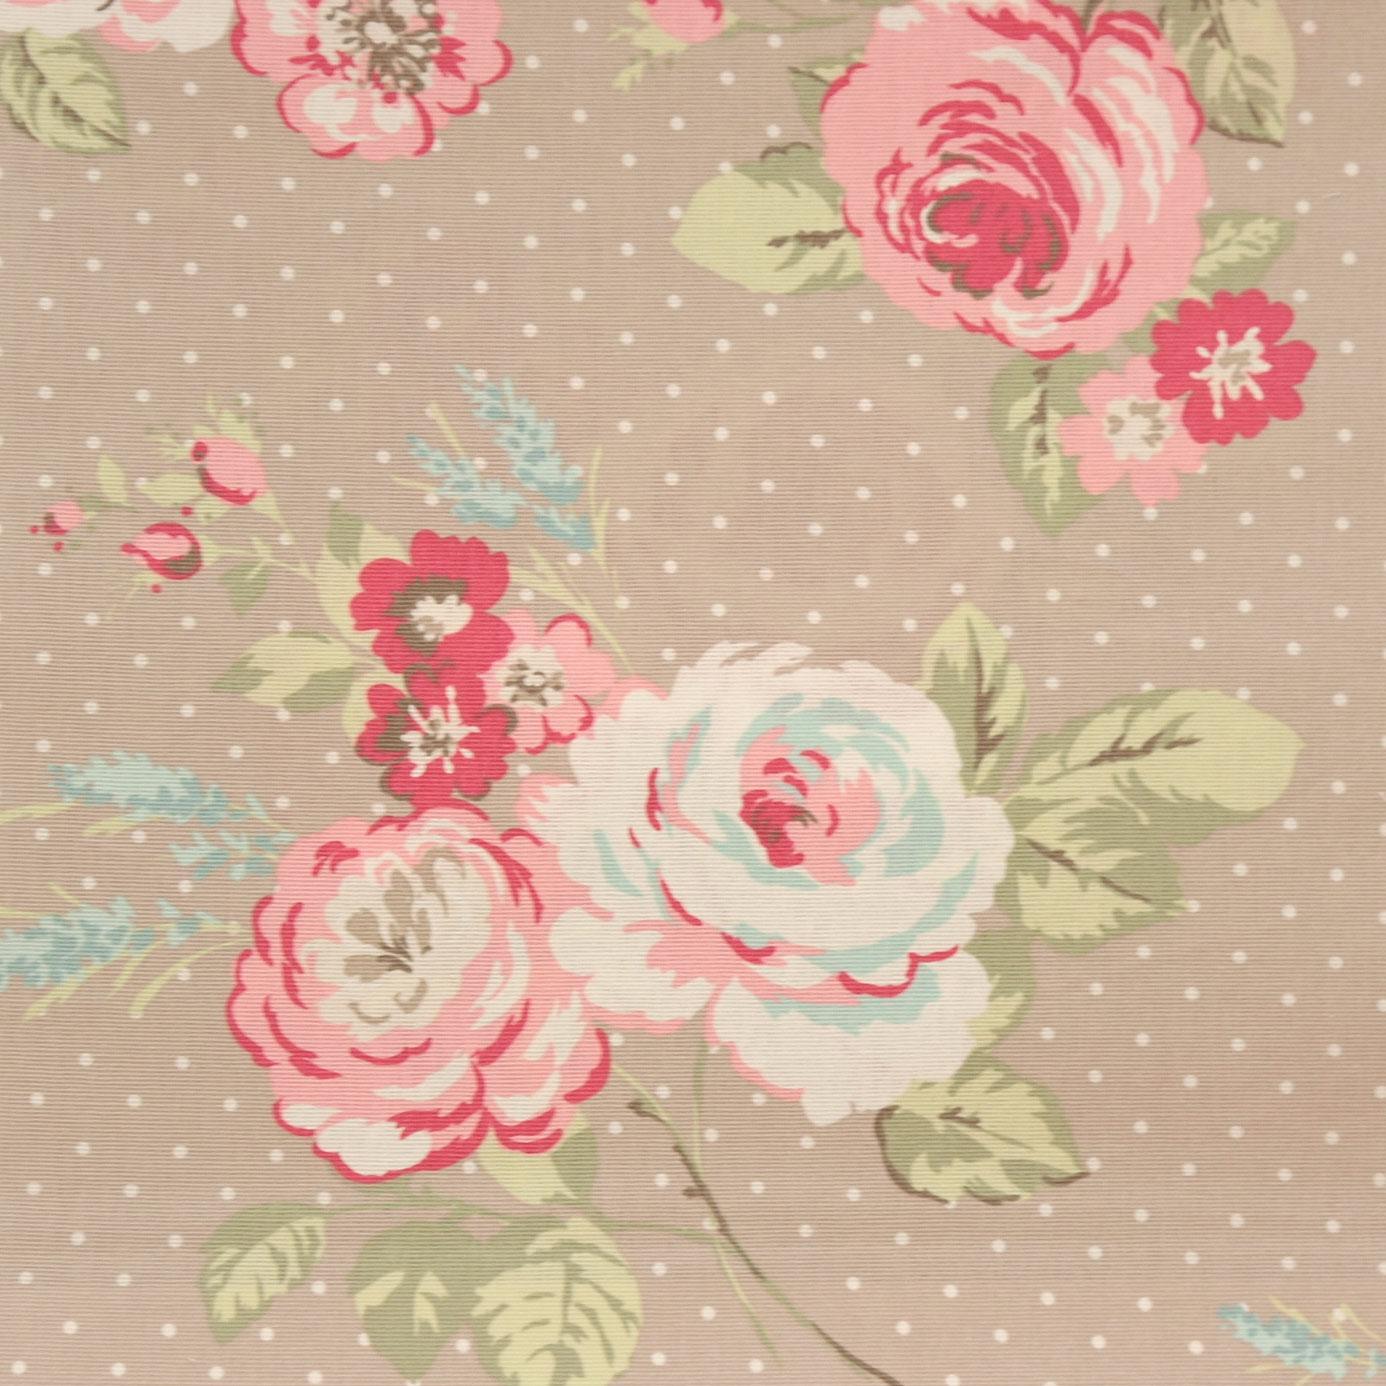 Vintage Rose Fabrics 71